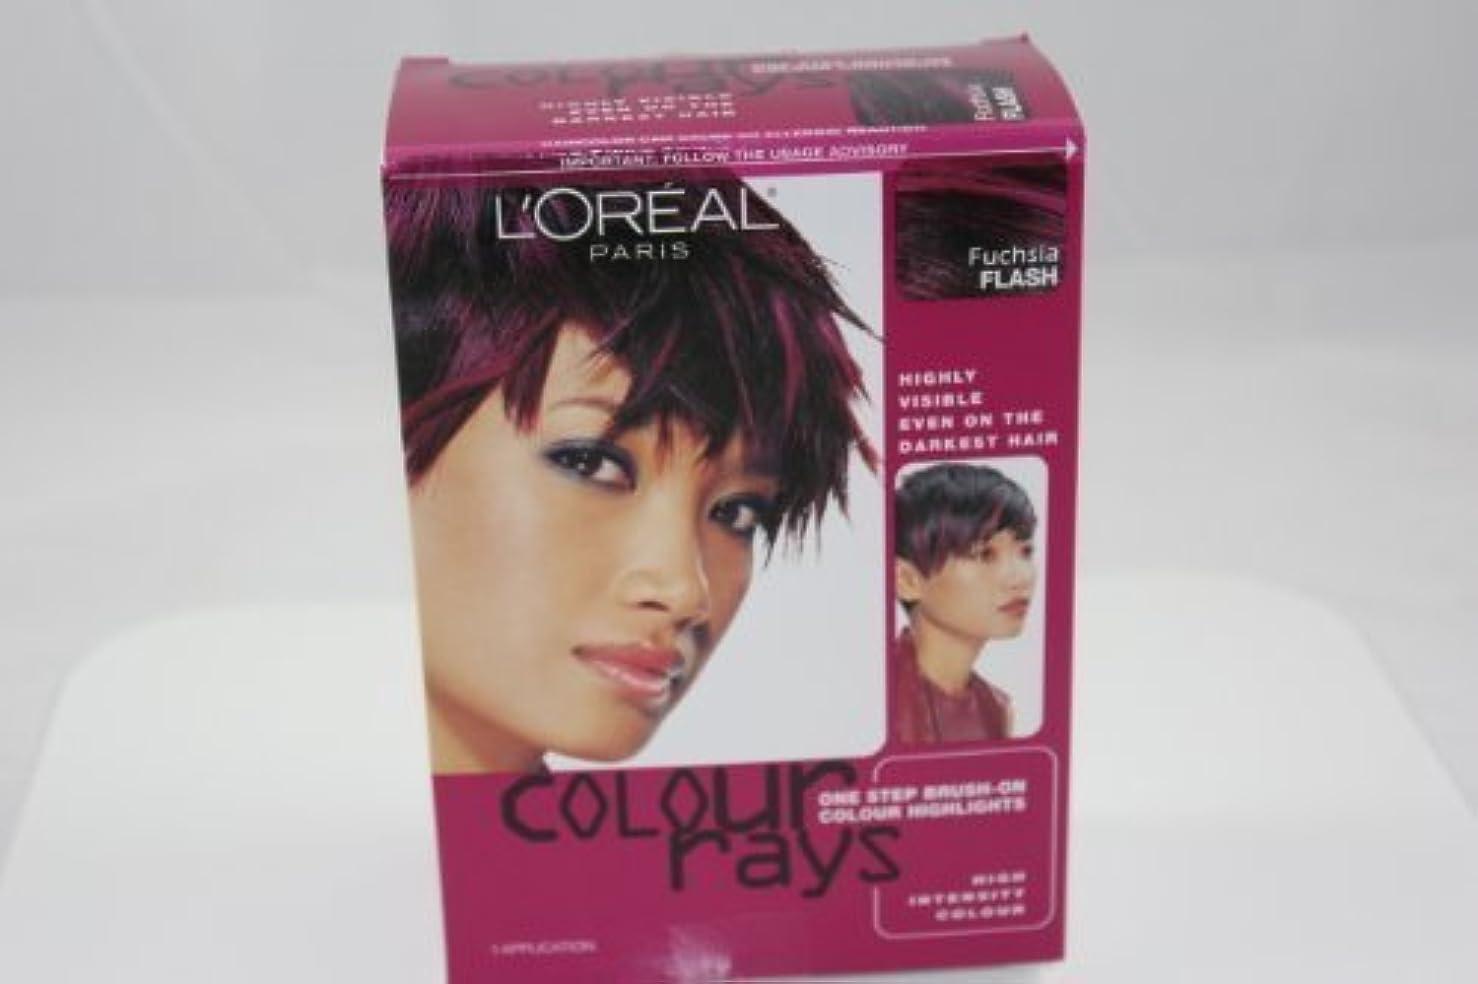 引退したシリングミケランジェロL'Oreal Paris Colour Rays Hair Color, Fuschia Flash by L'Oreal Paris Hair Color [並行輸入品]